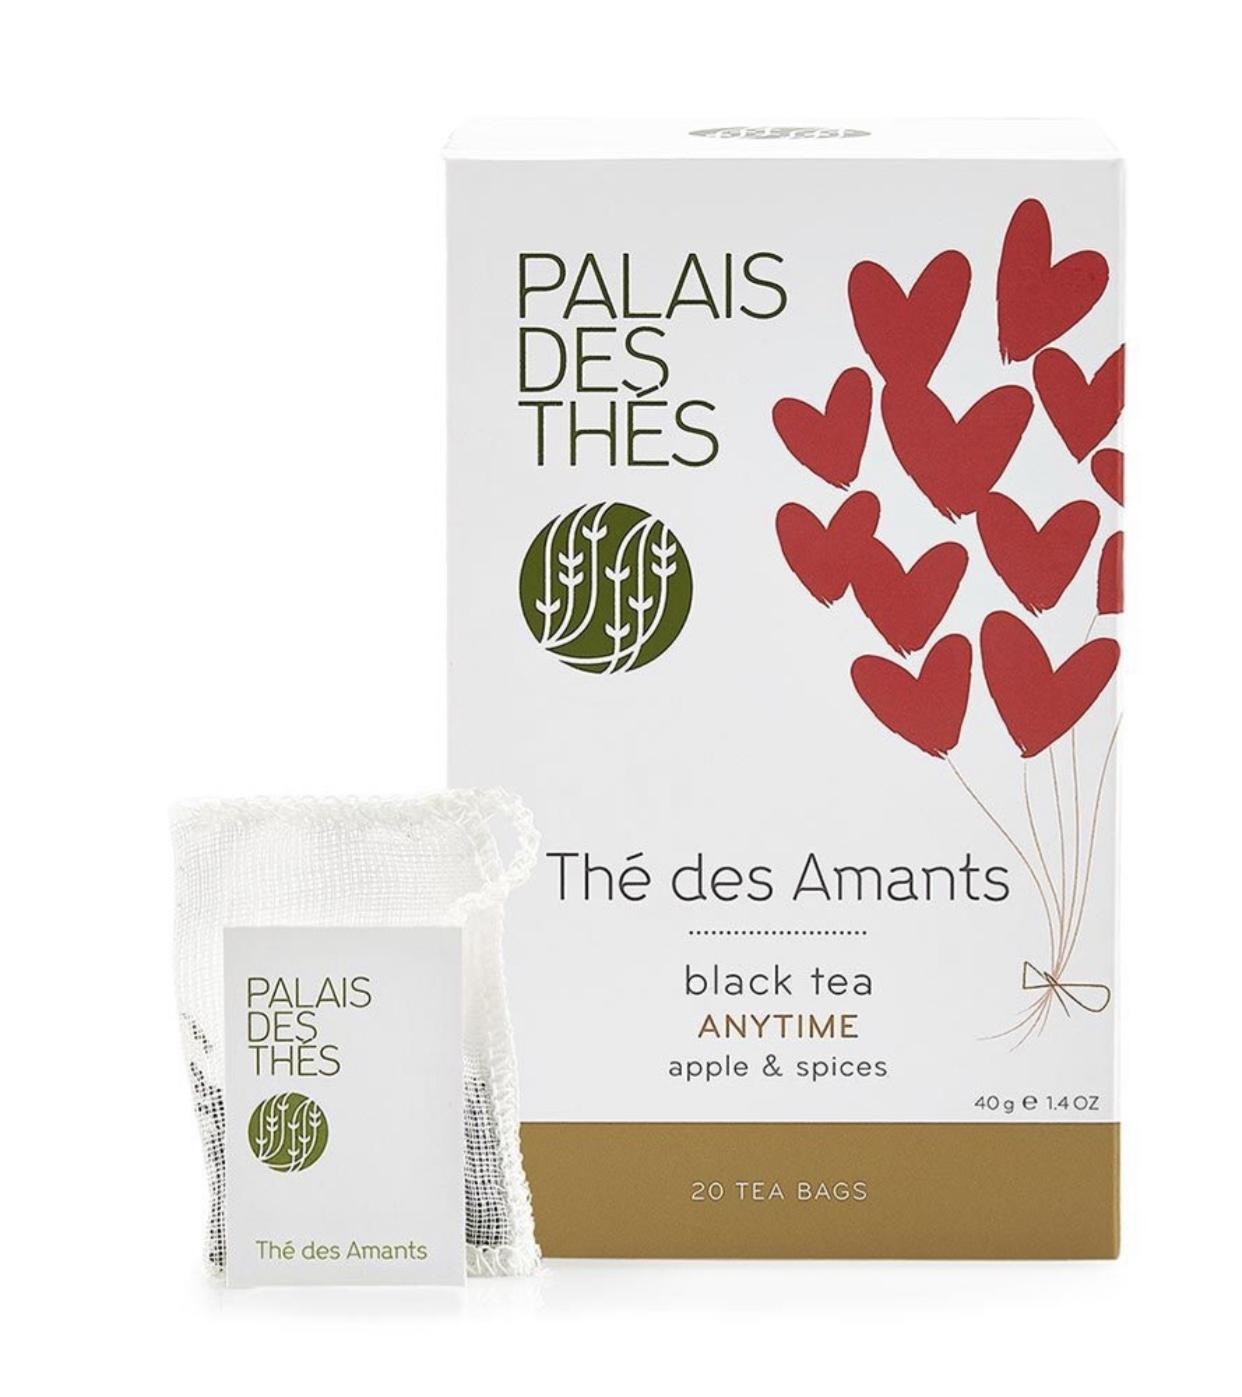 Palais Des Thes The des Amants